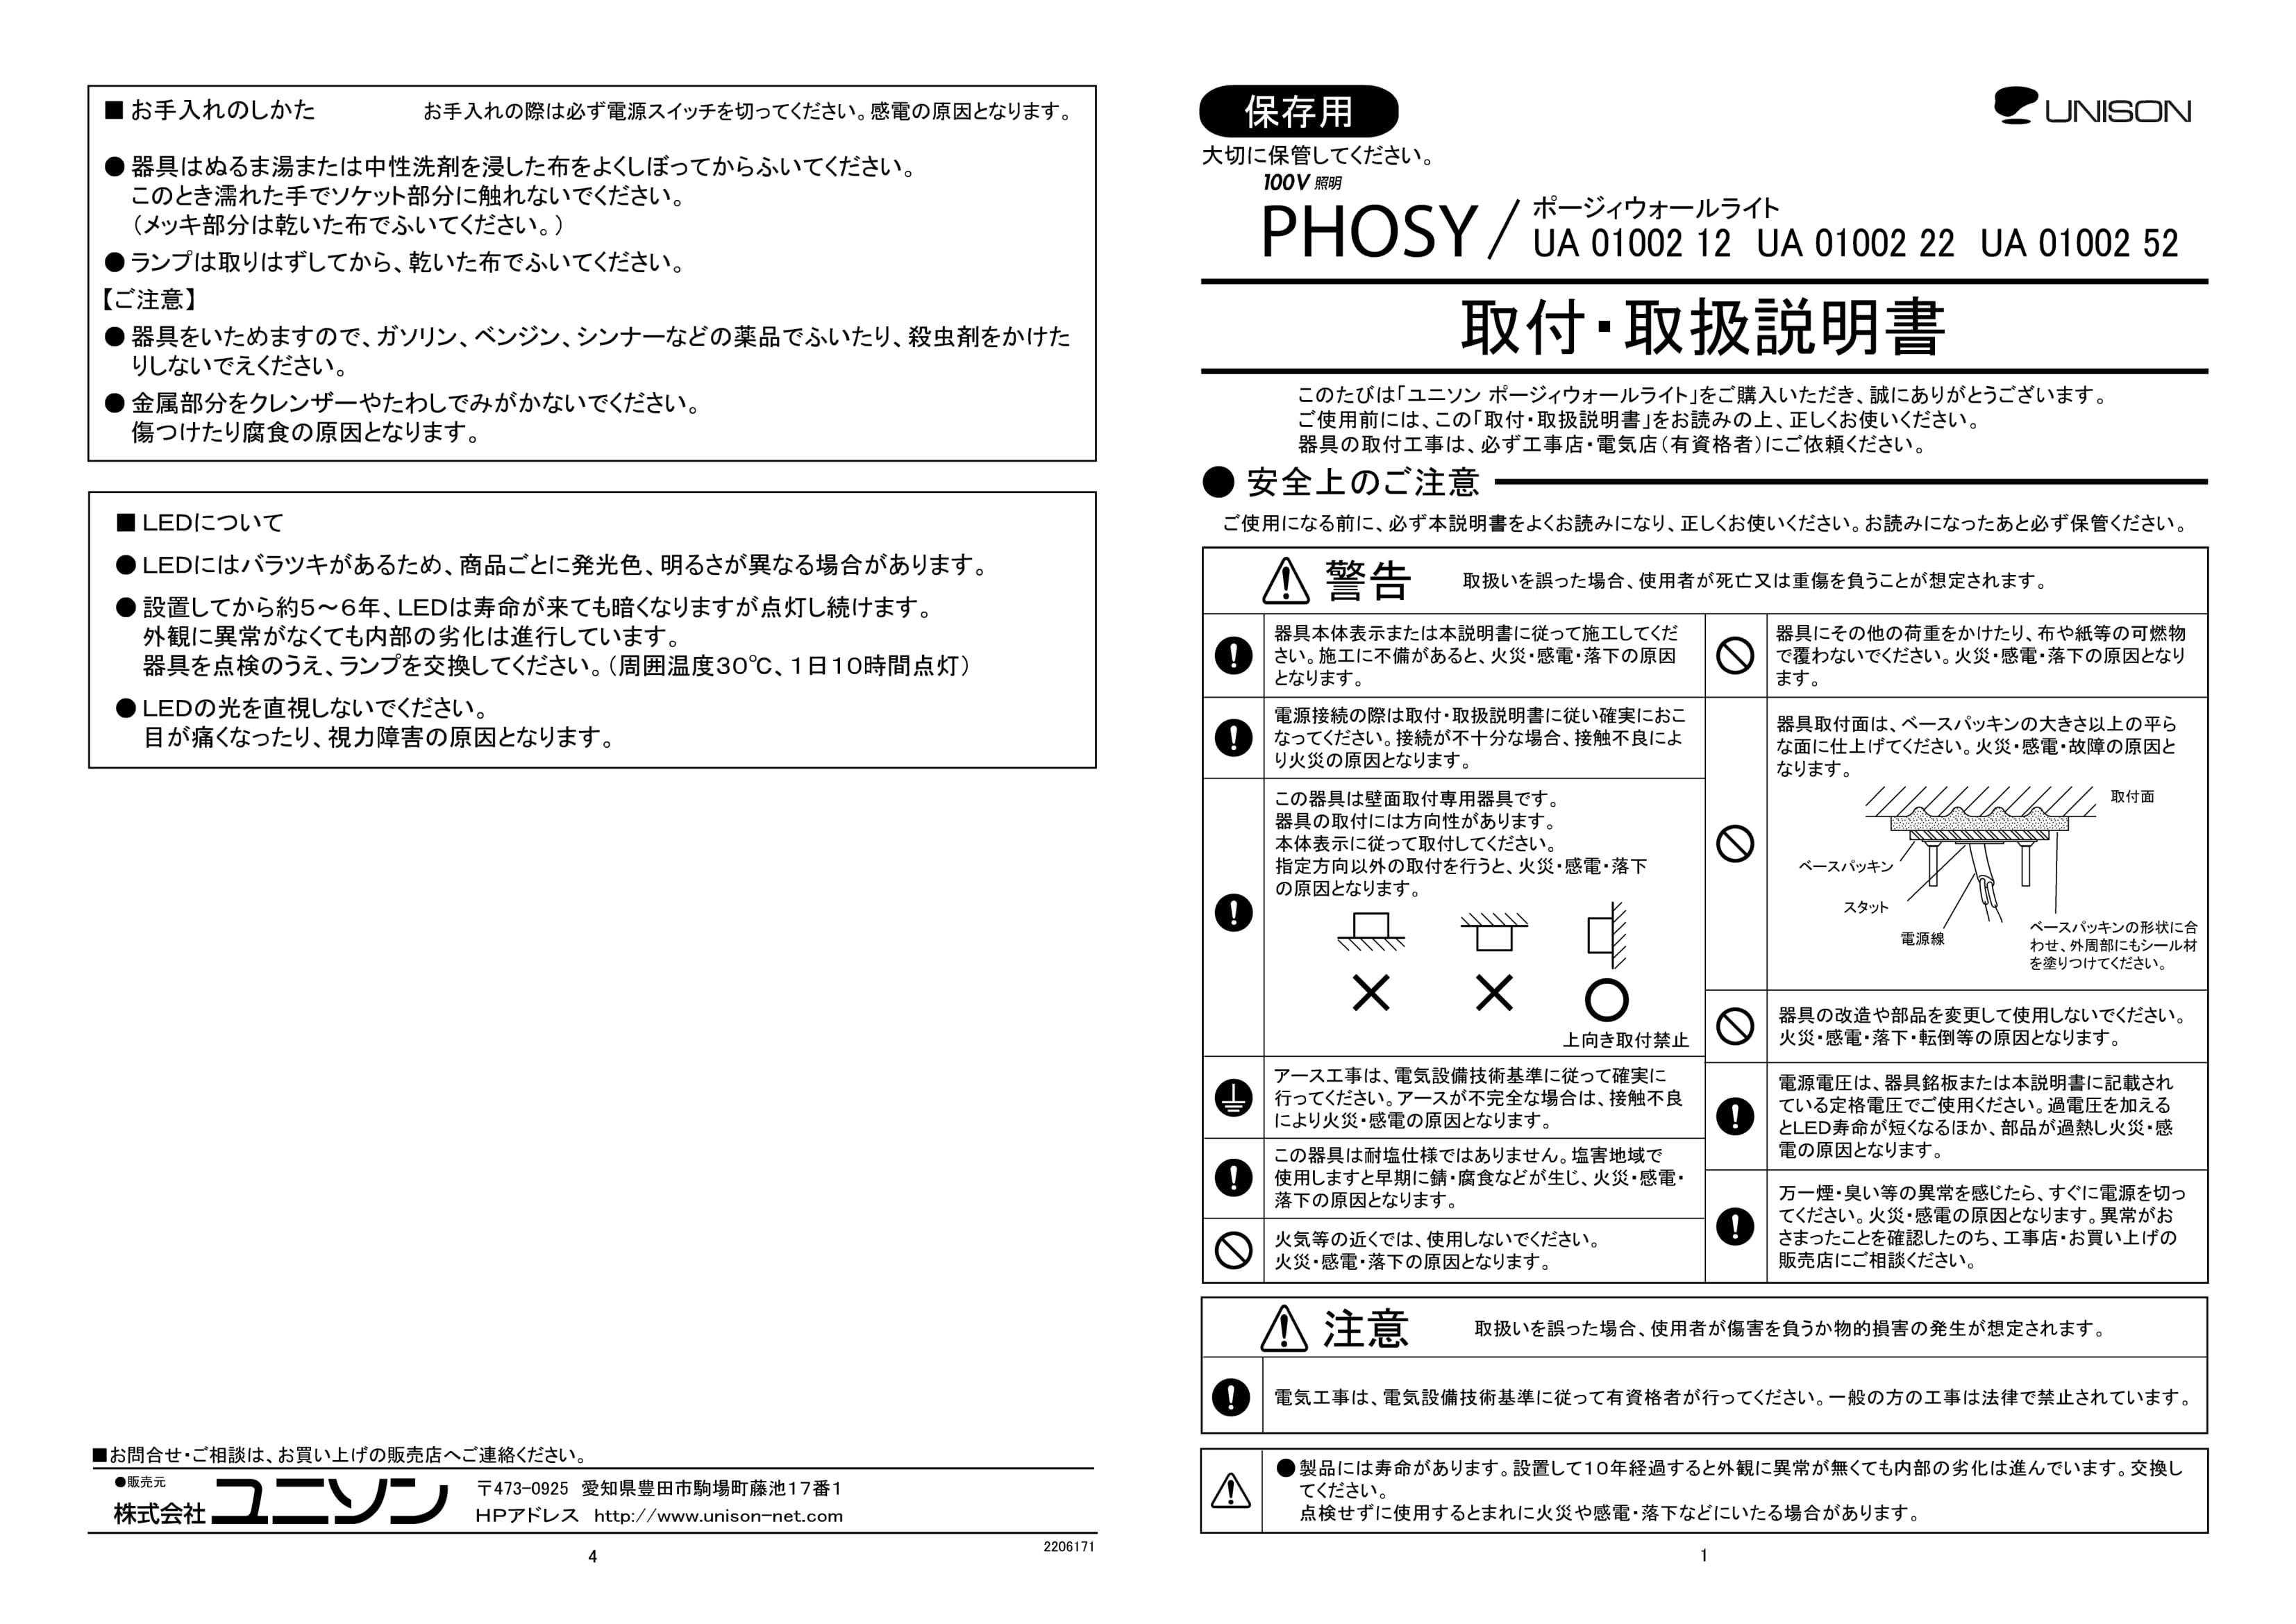 ポージィウォールライト UA 01002 12、22、52_取扱説明書-1